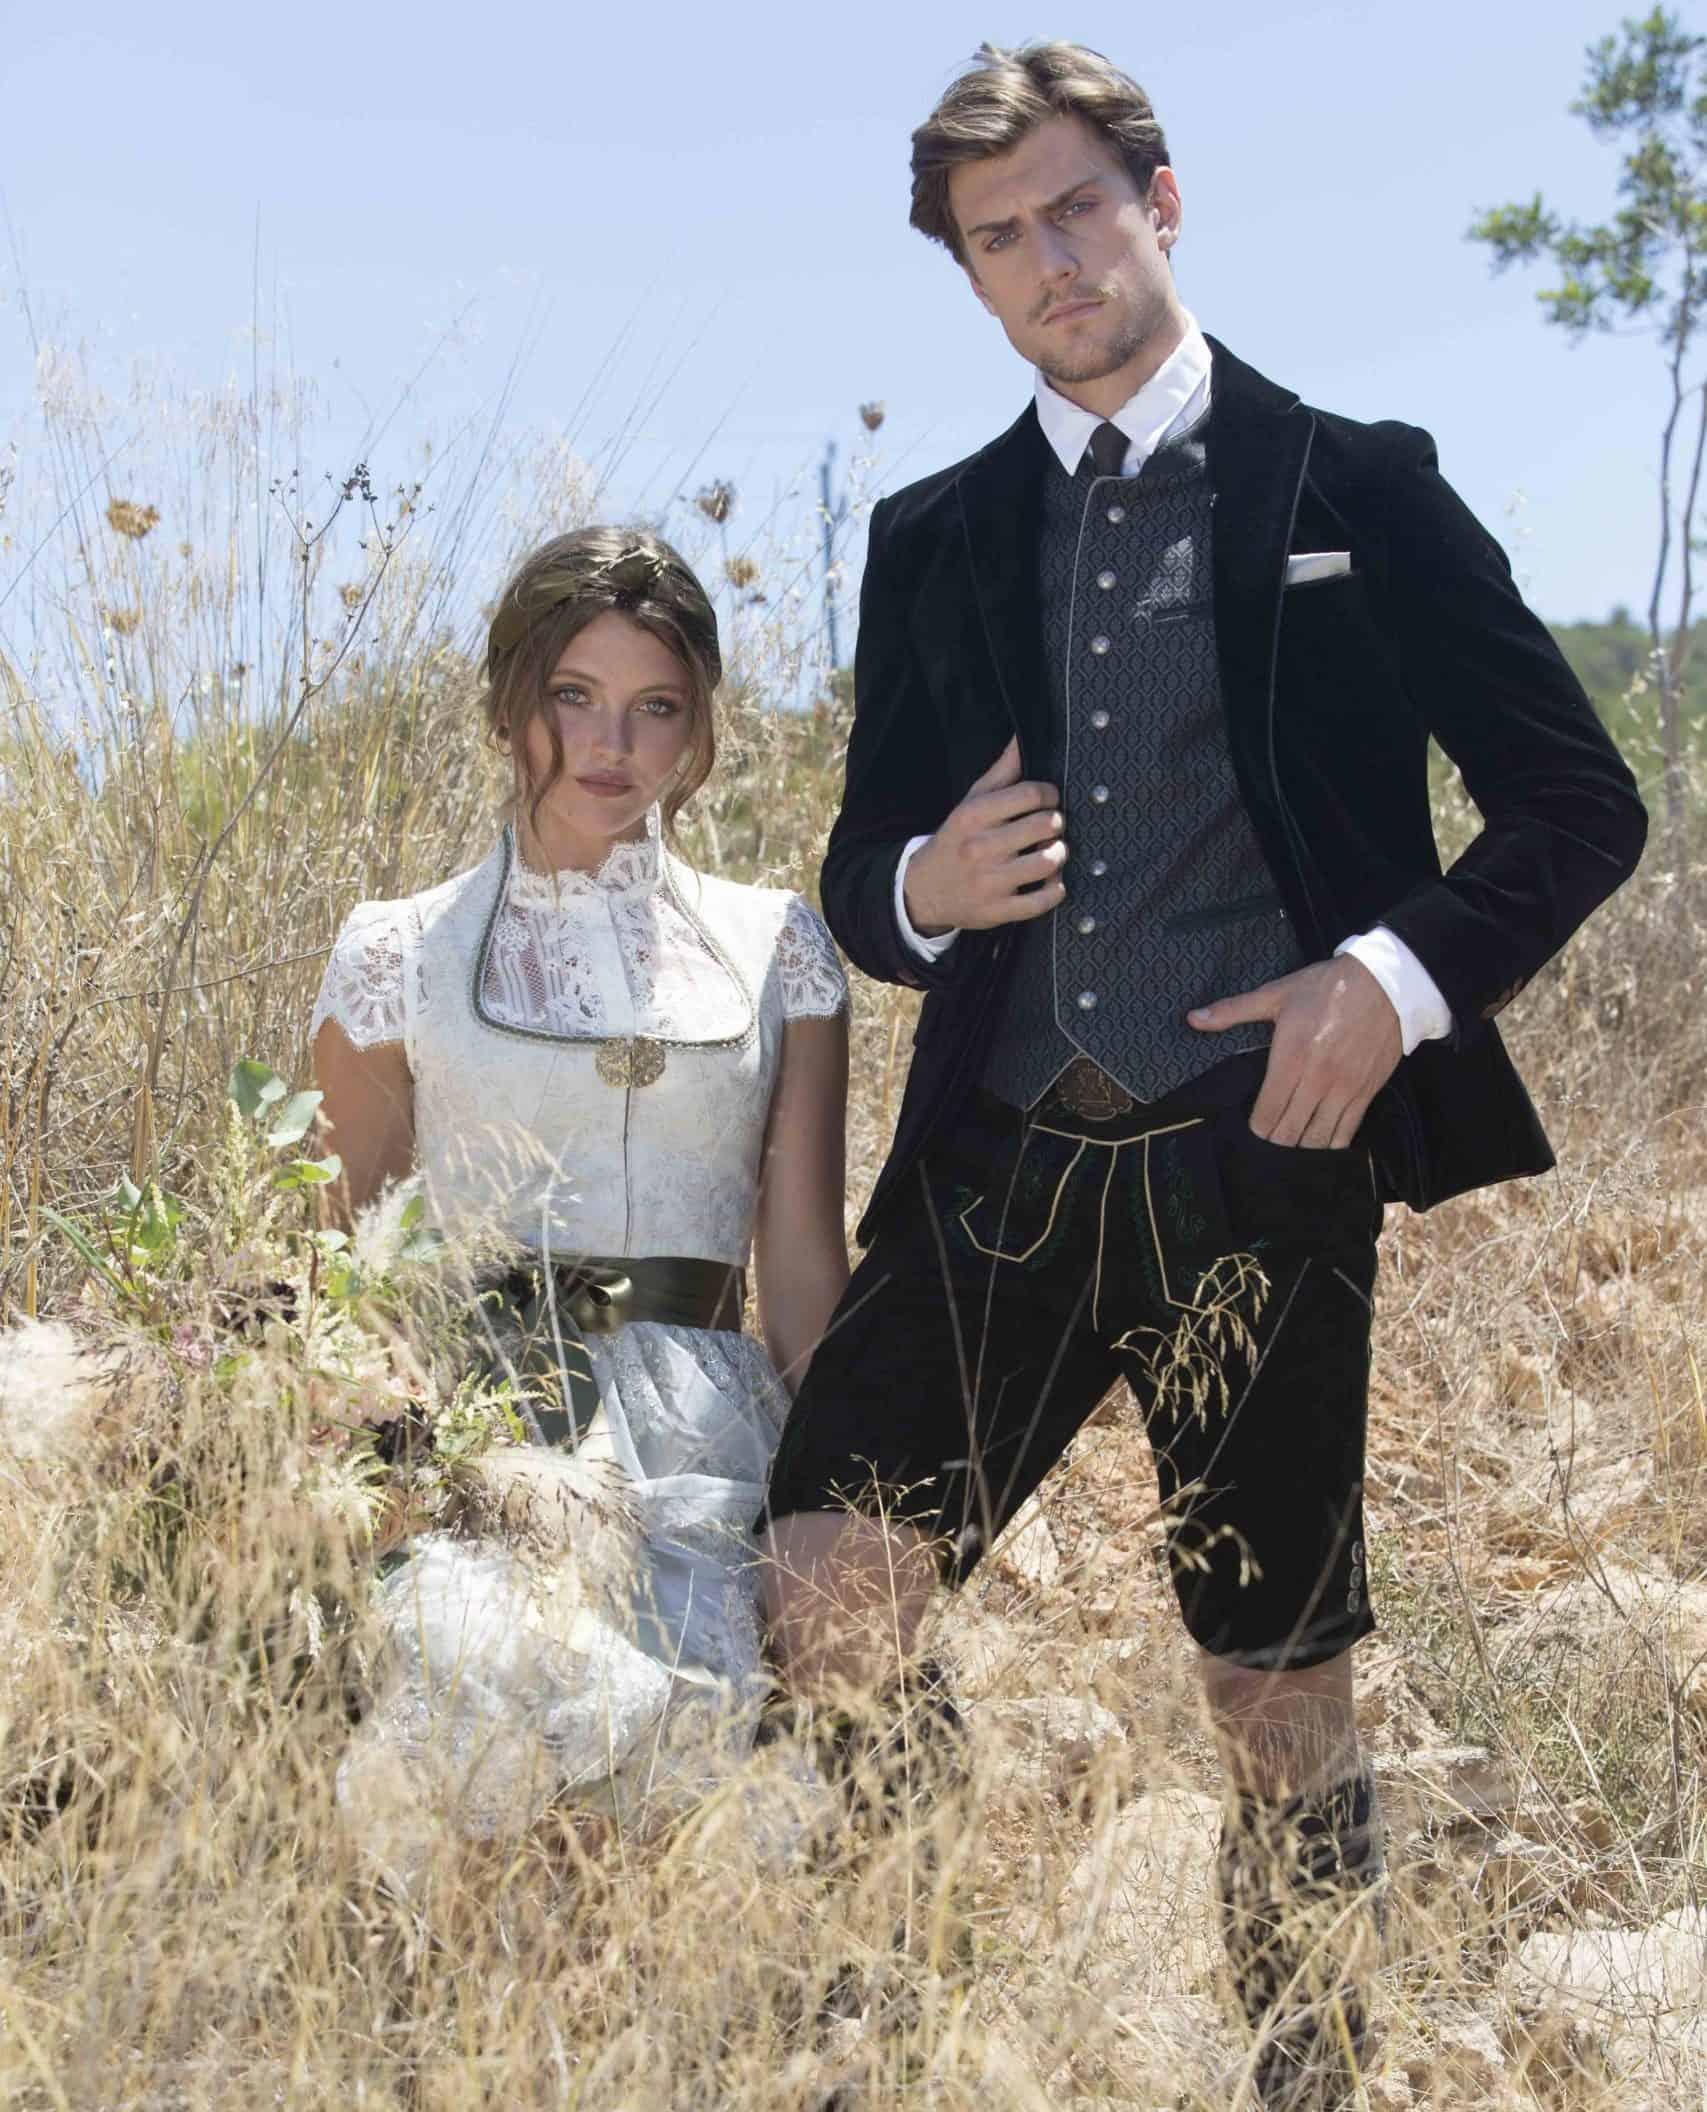 Hochzeitstracht für Braut und Bräutigam